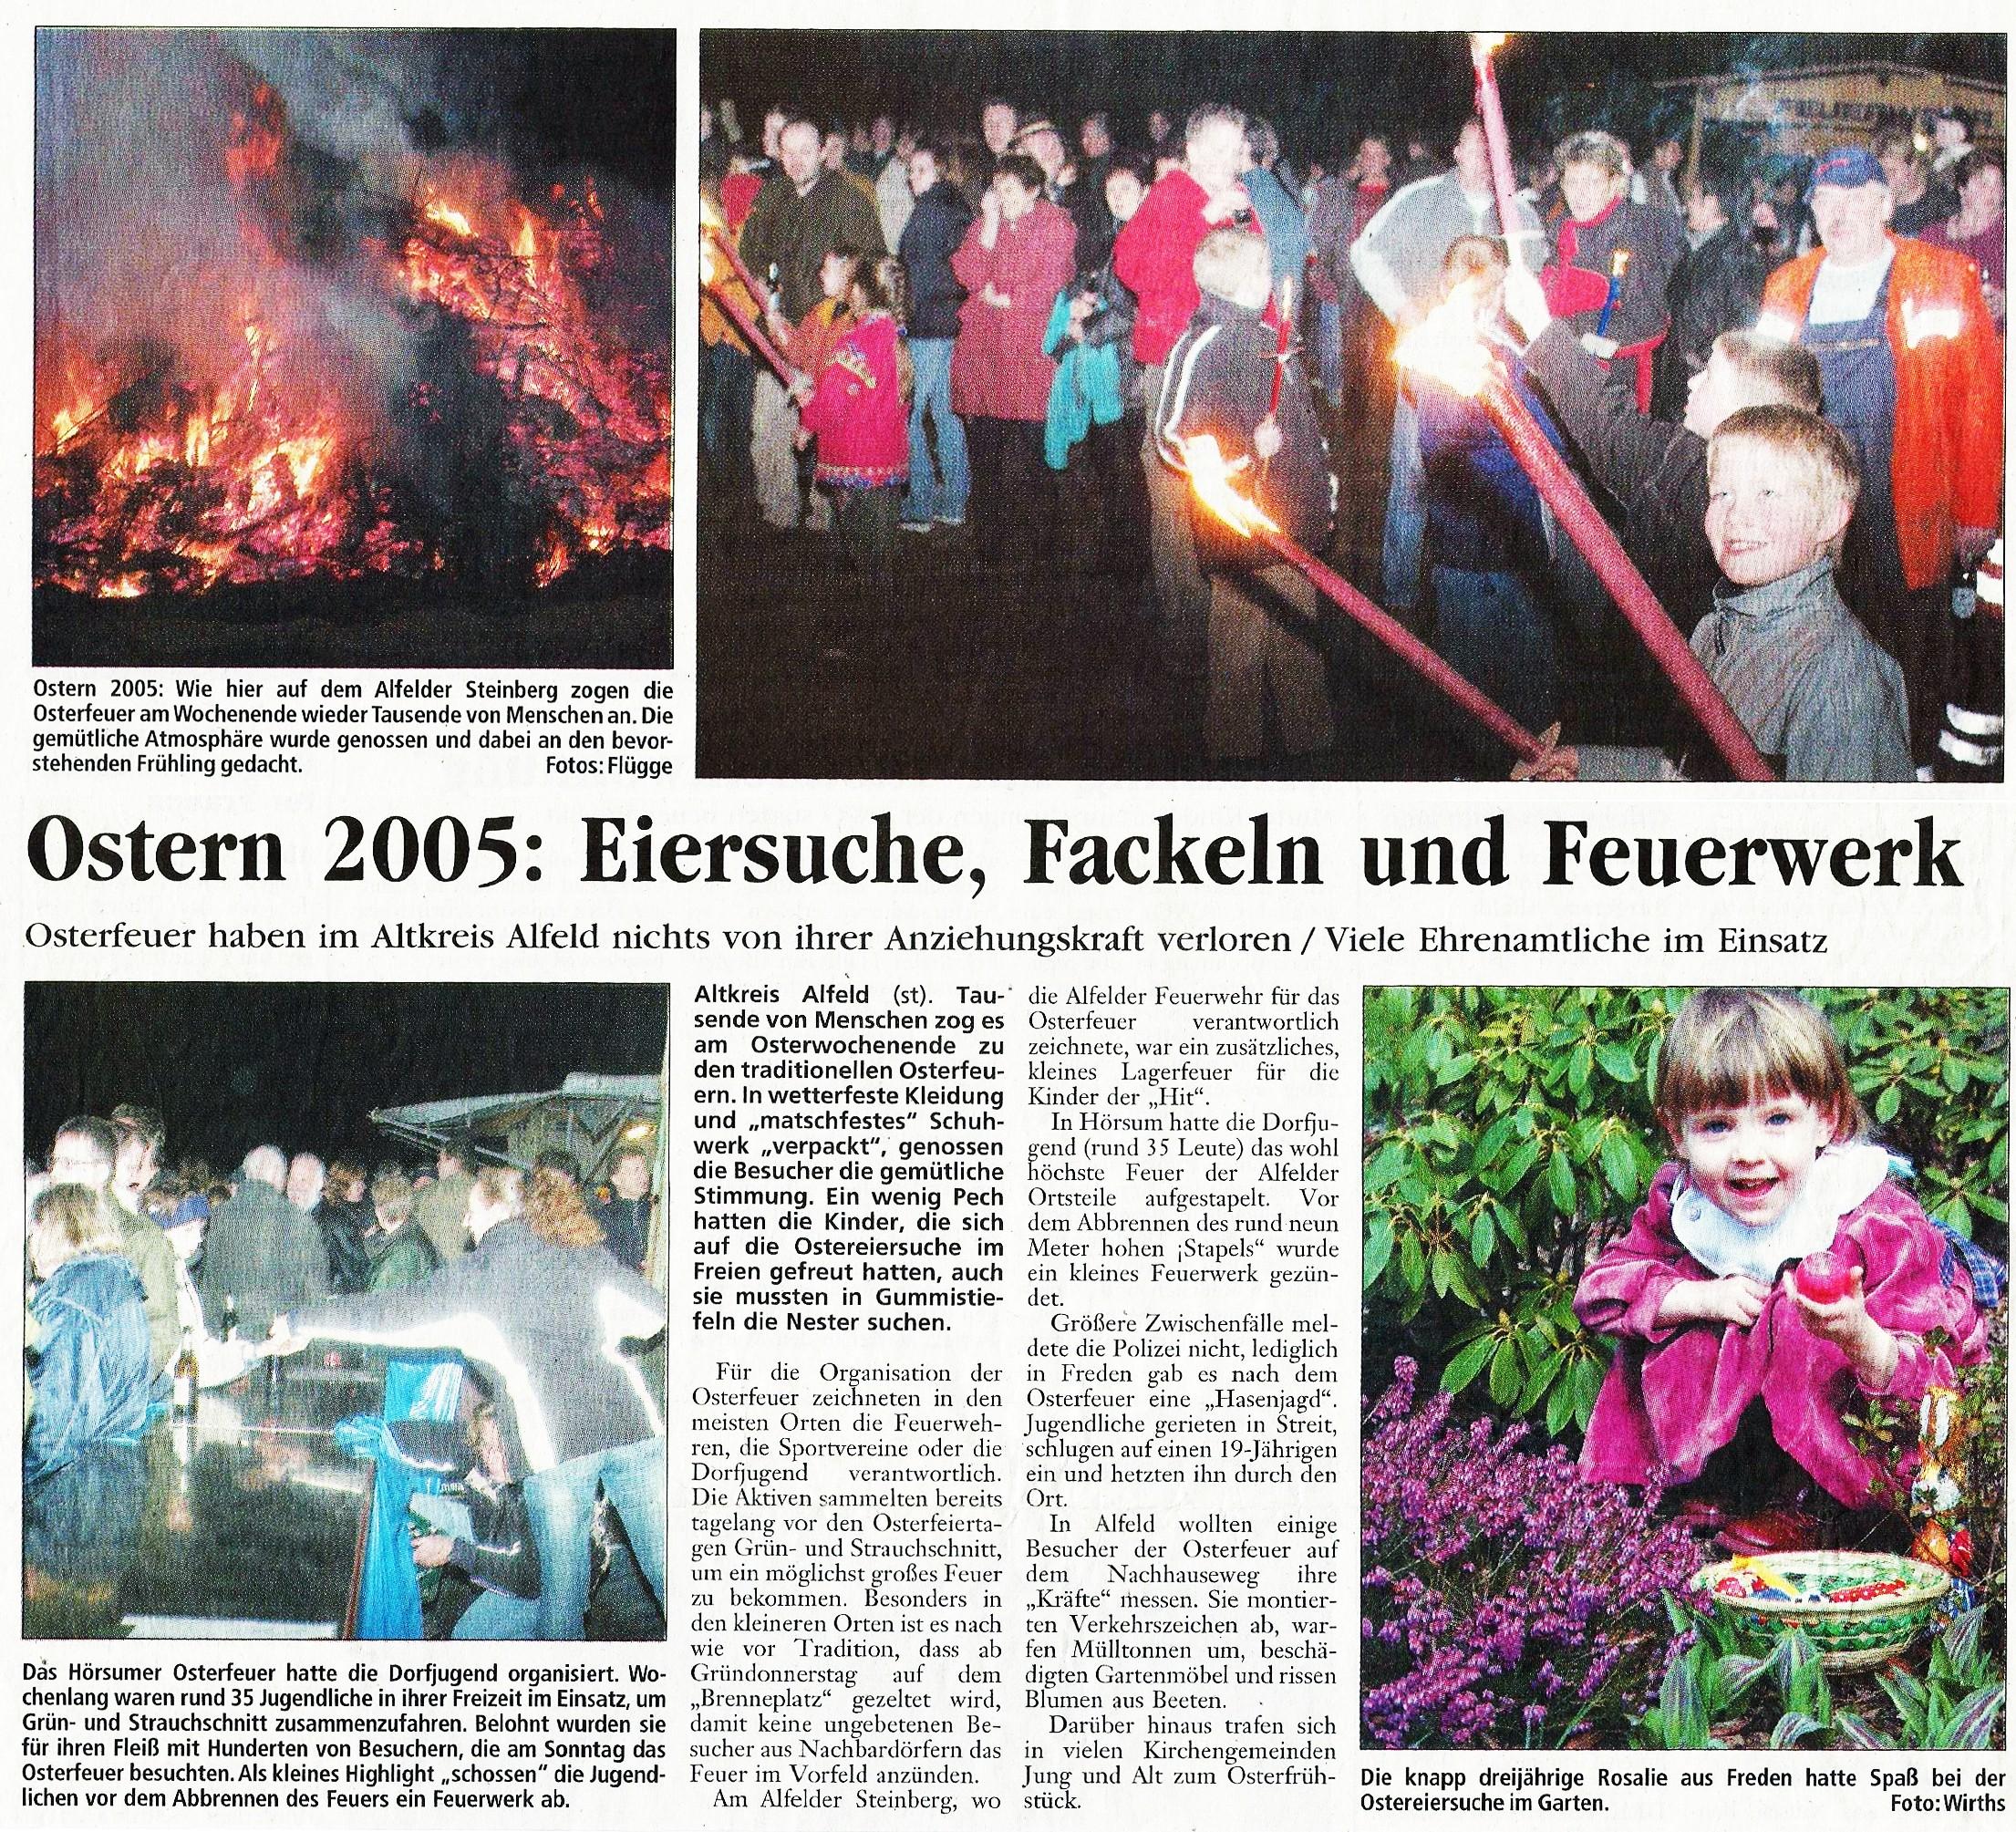 2005-03-29 Ostern 2005-Eiersuche, Fackeln und Feuerwerk